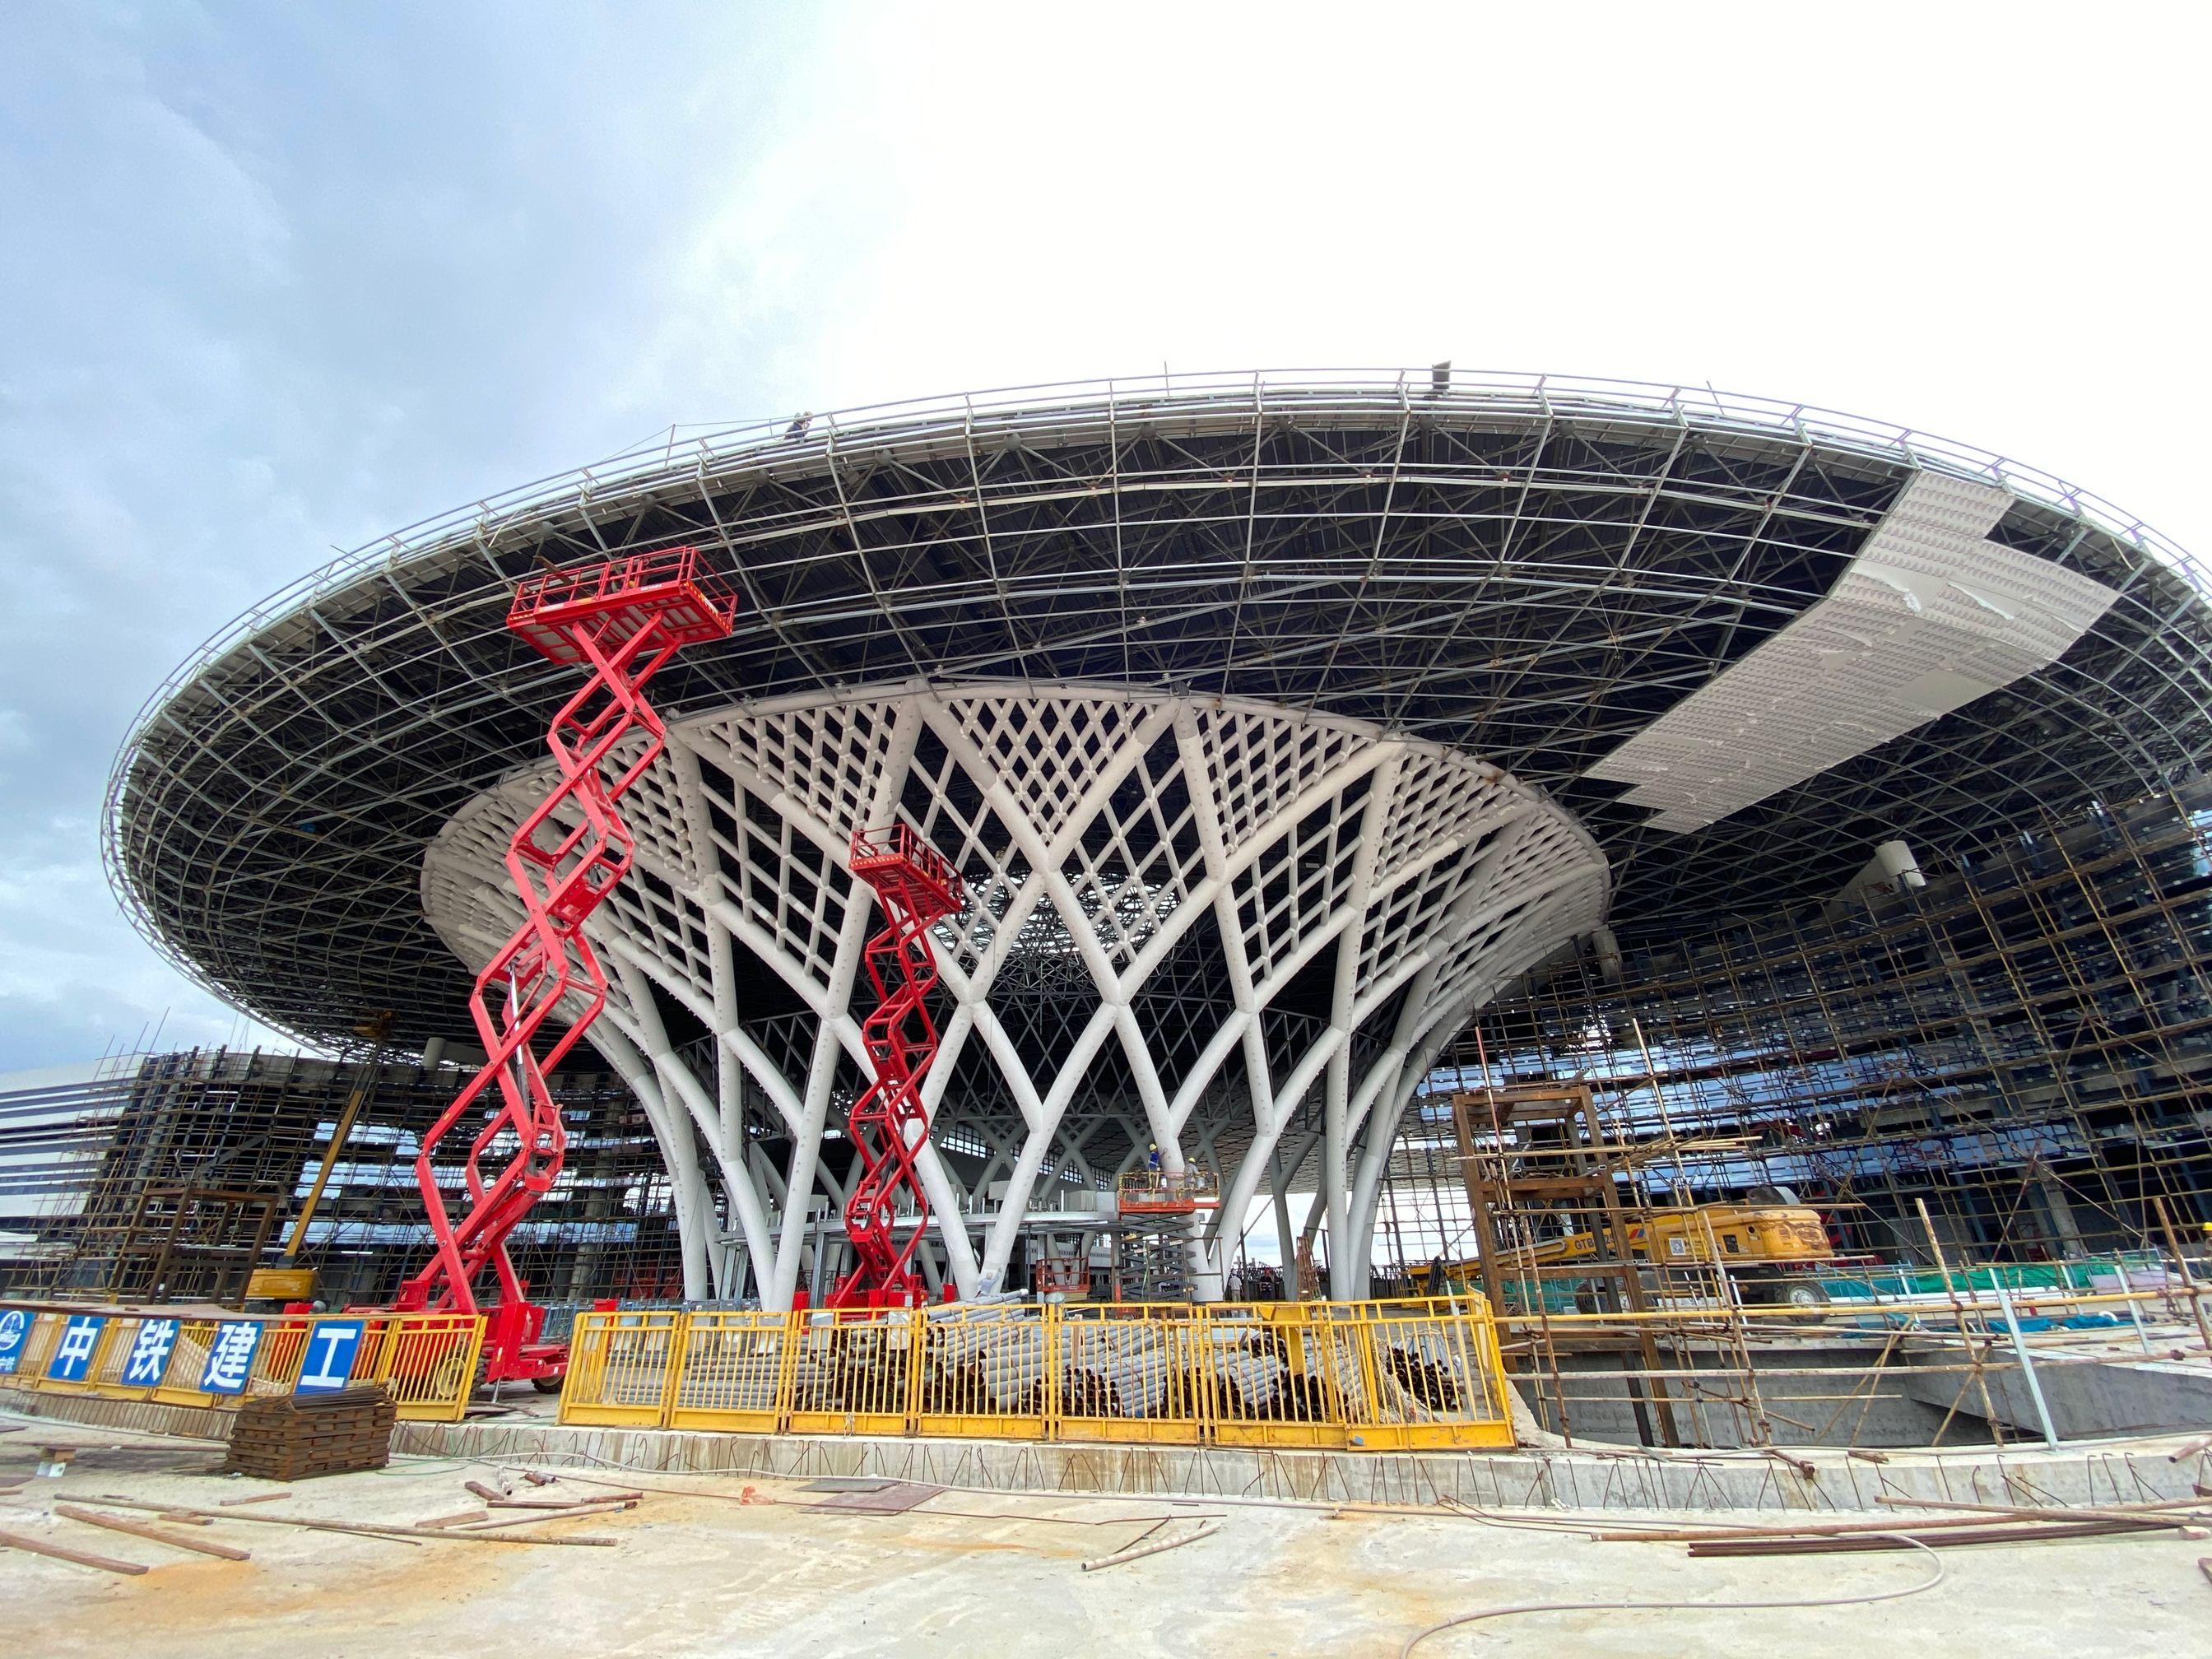 江门站东段站房主体结构土建部分完工 预计9月份侧式站房可完工